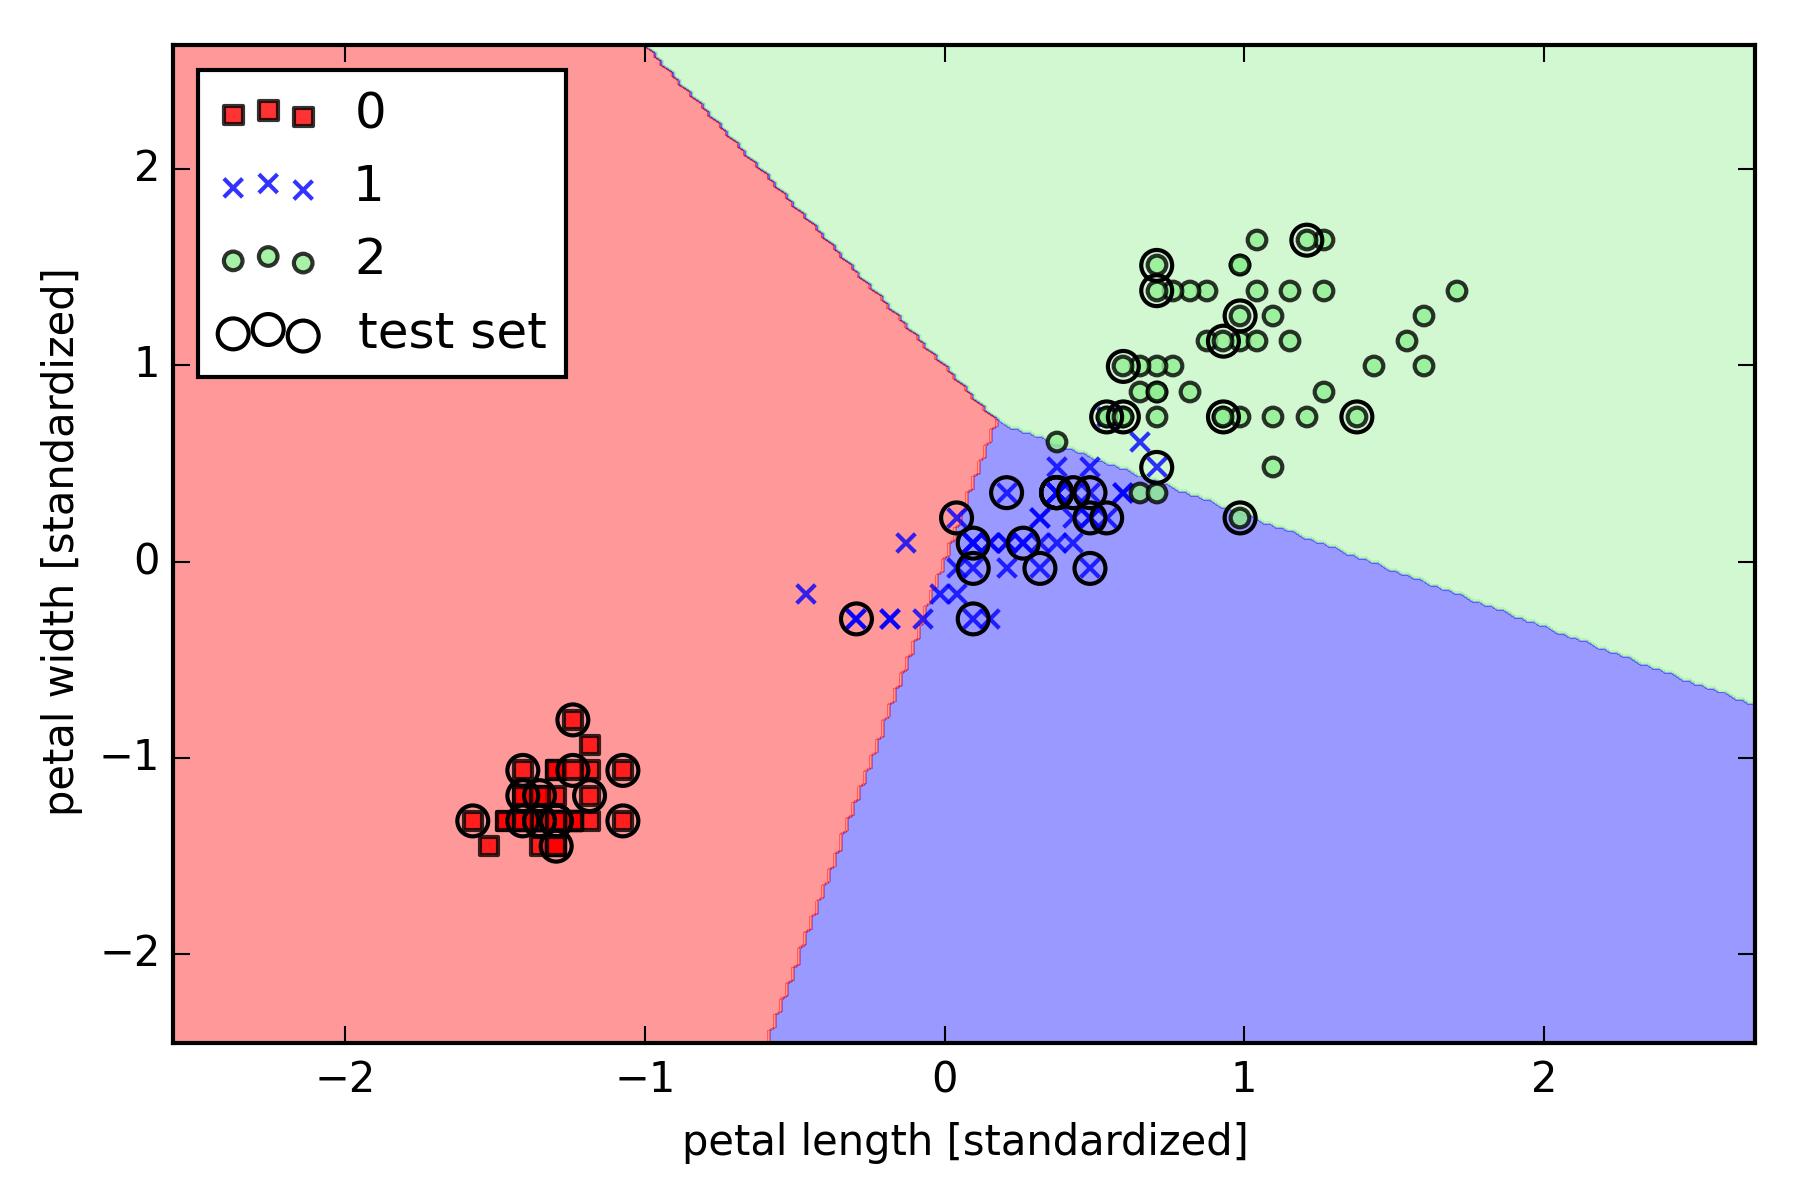 No es posible realizar una separación perfecta de los tres conjuntos de datos